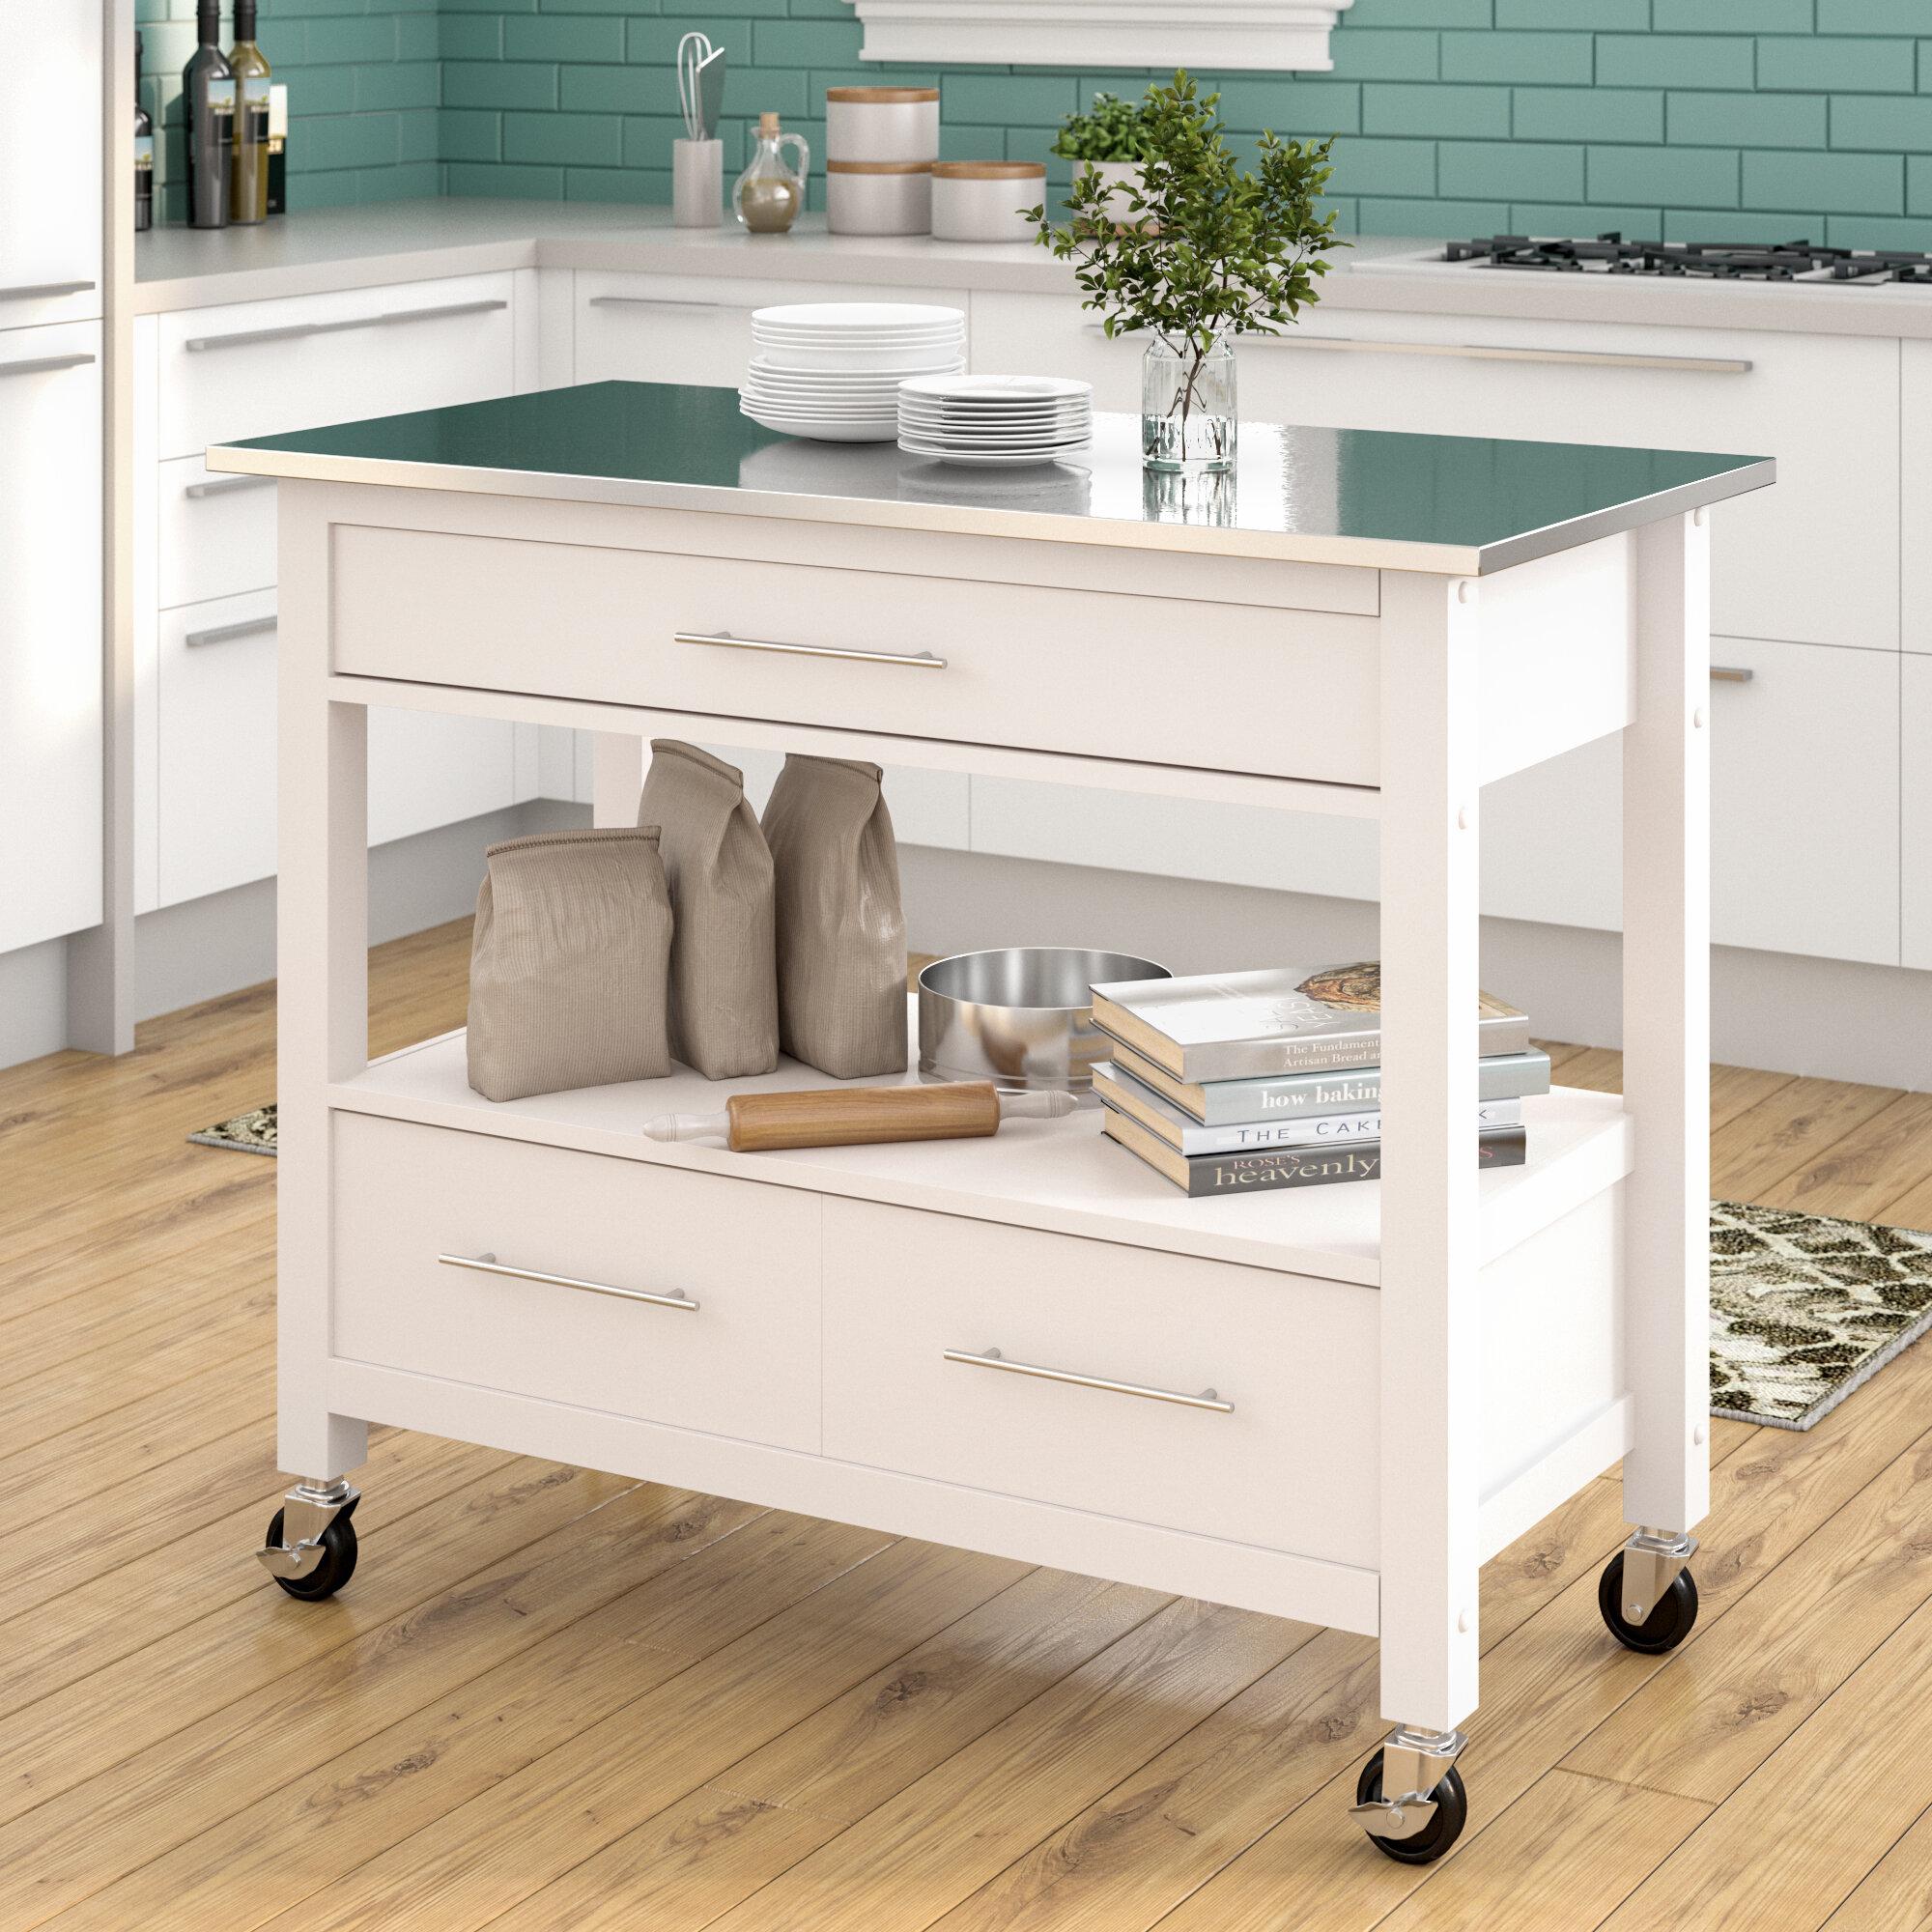 Latitude run monongah rectangular kitchen cart with stainless steel top reviews wayfair